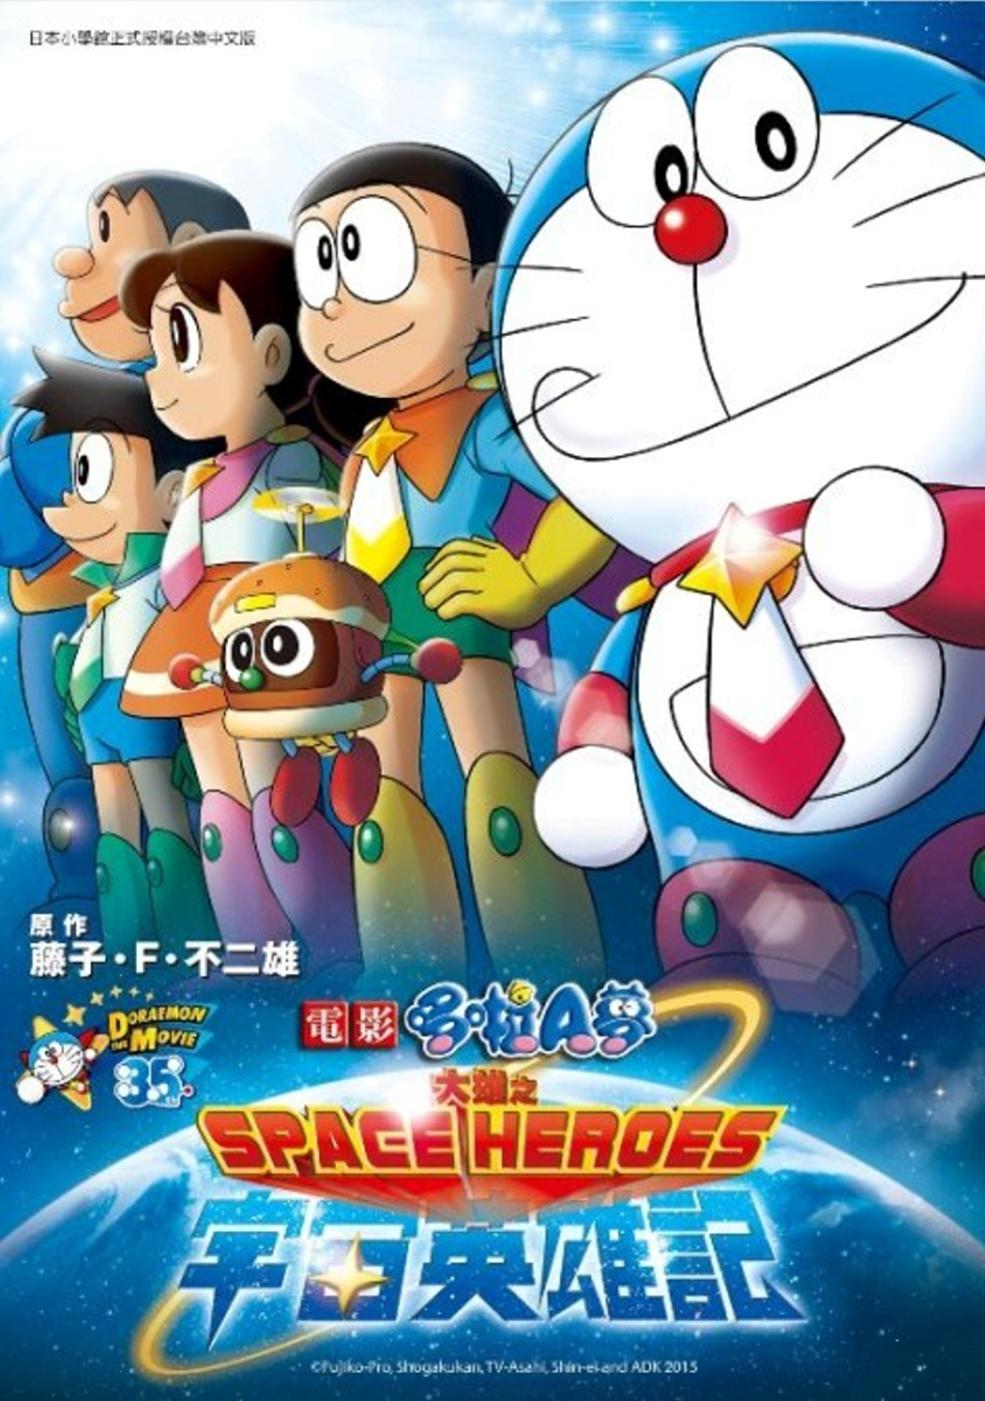 哆啦A夢新電影彩映版^(08^)大雄之宇宙英雄記SPACE HEROES